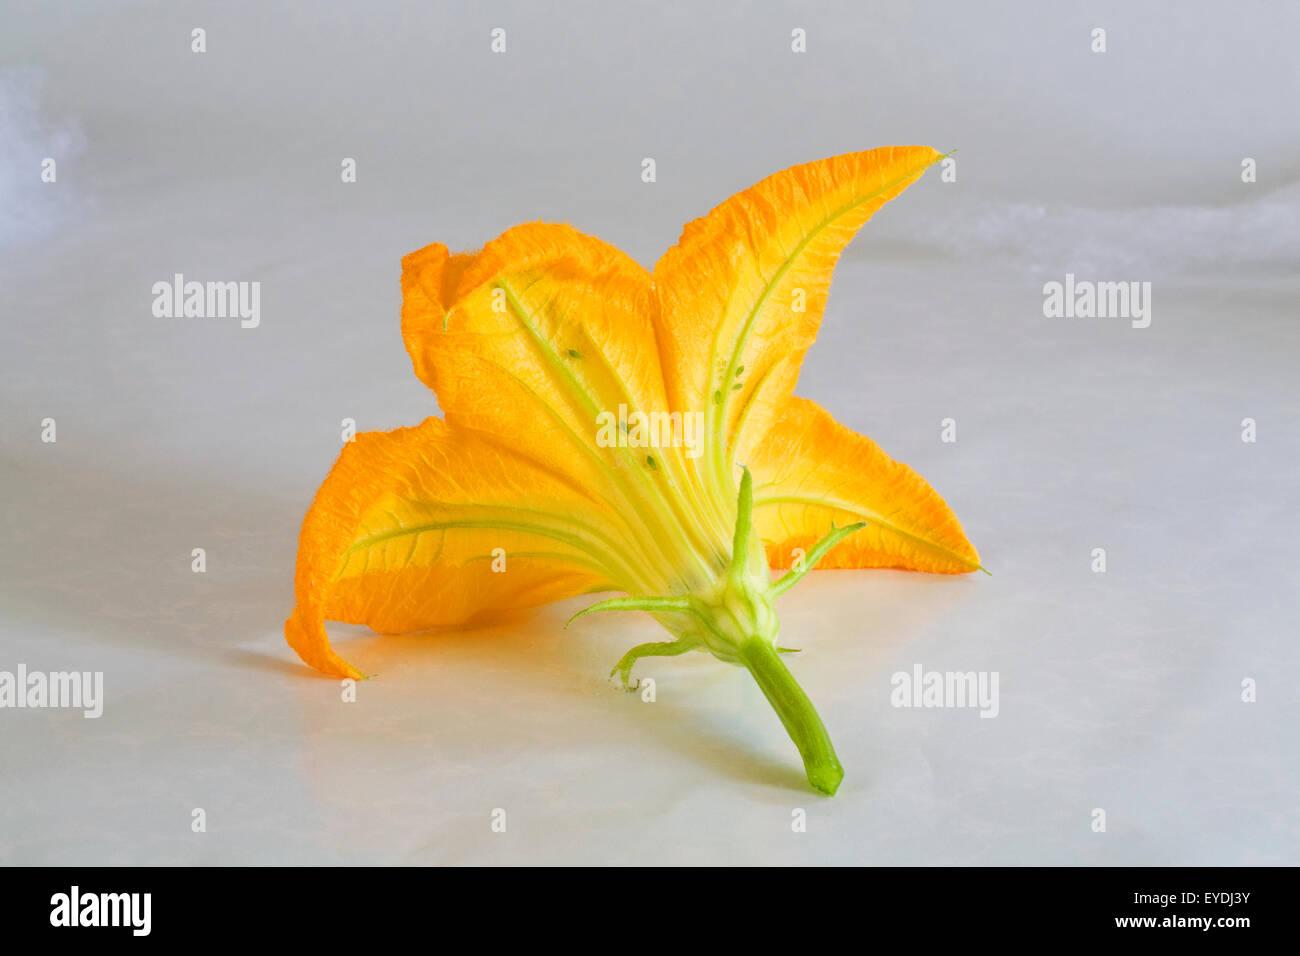 Une fleur mâle ou fleur d'une plante courgettes Photo Stock